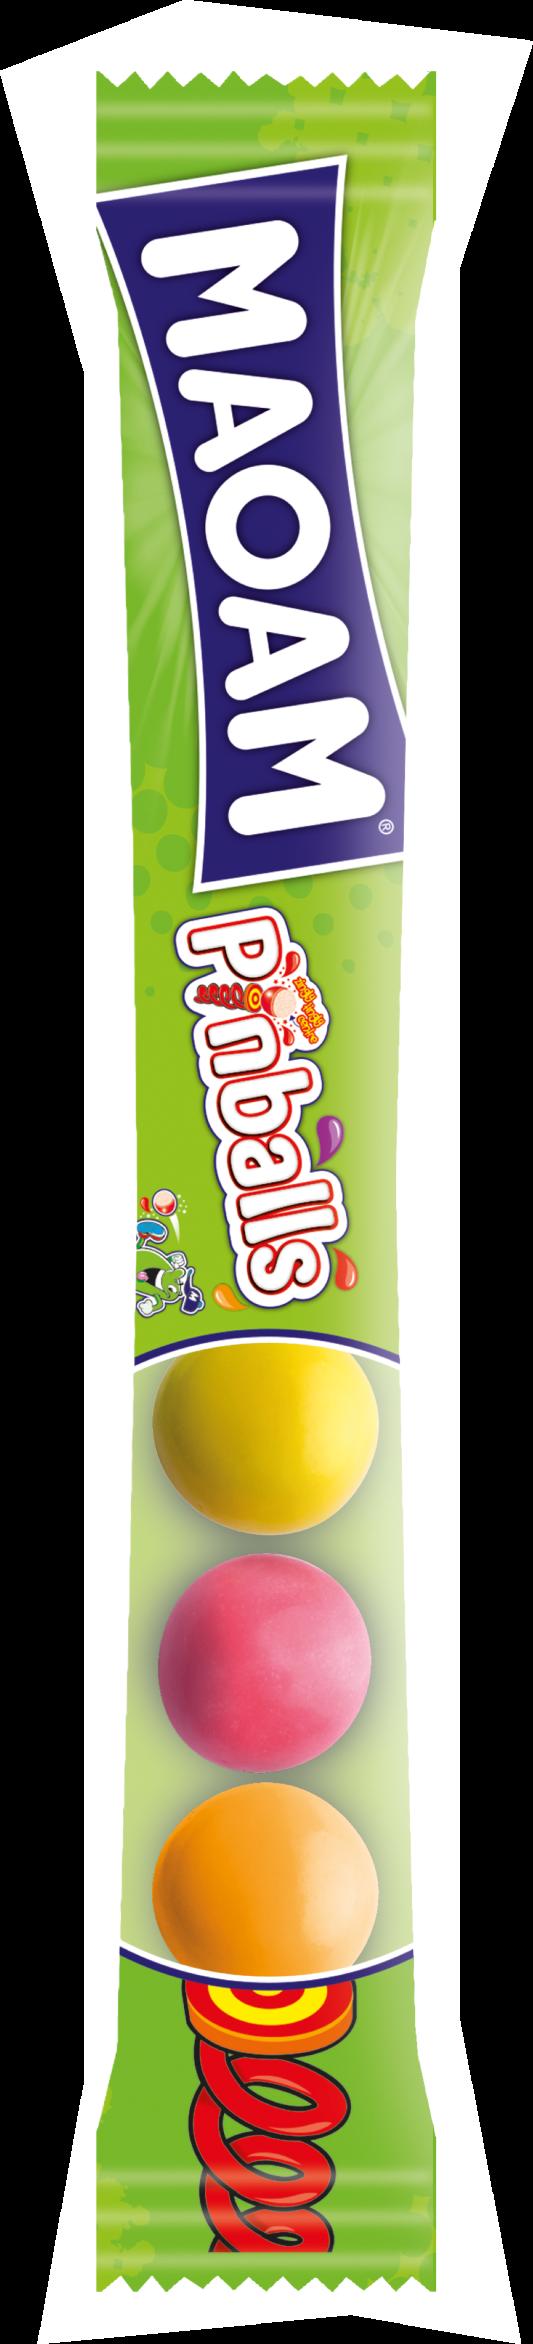 MAOAM Pinballs Stick